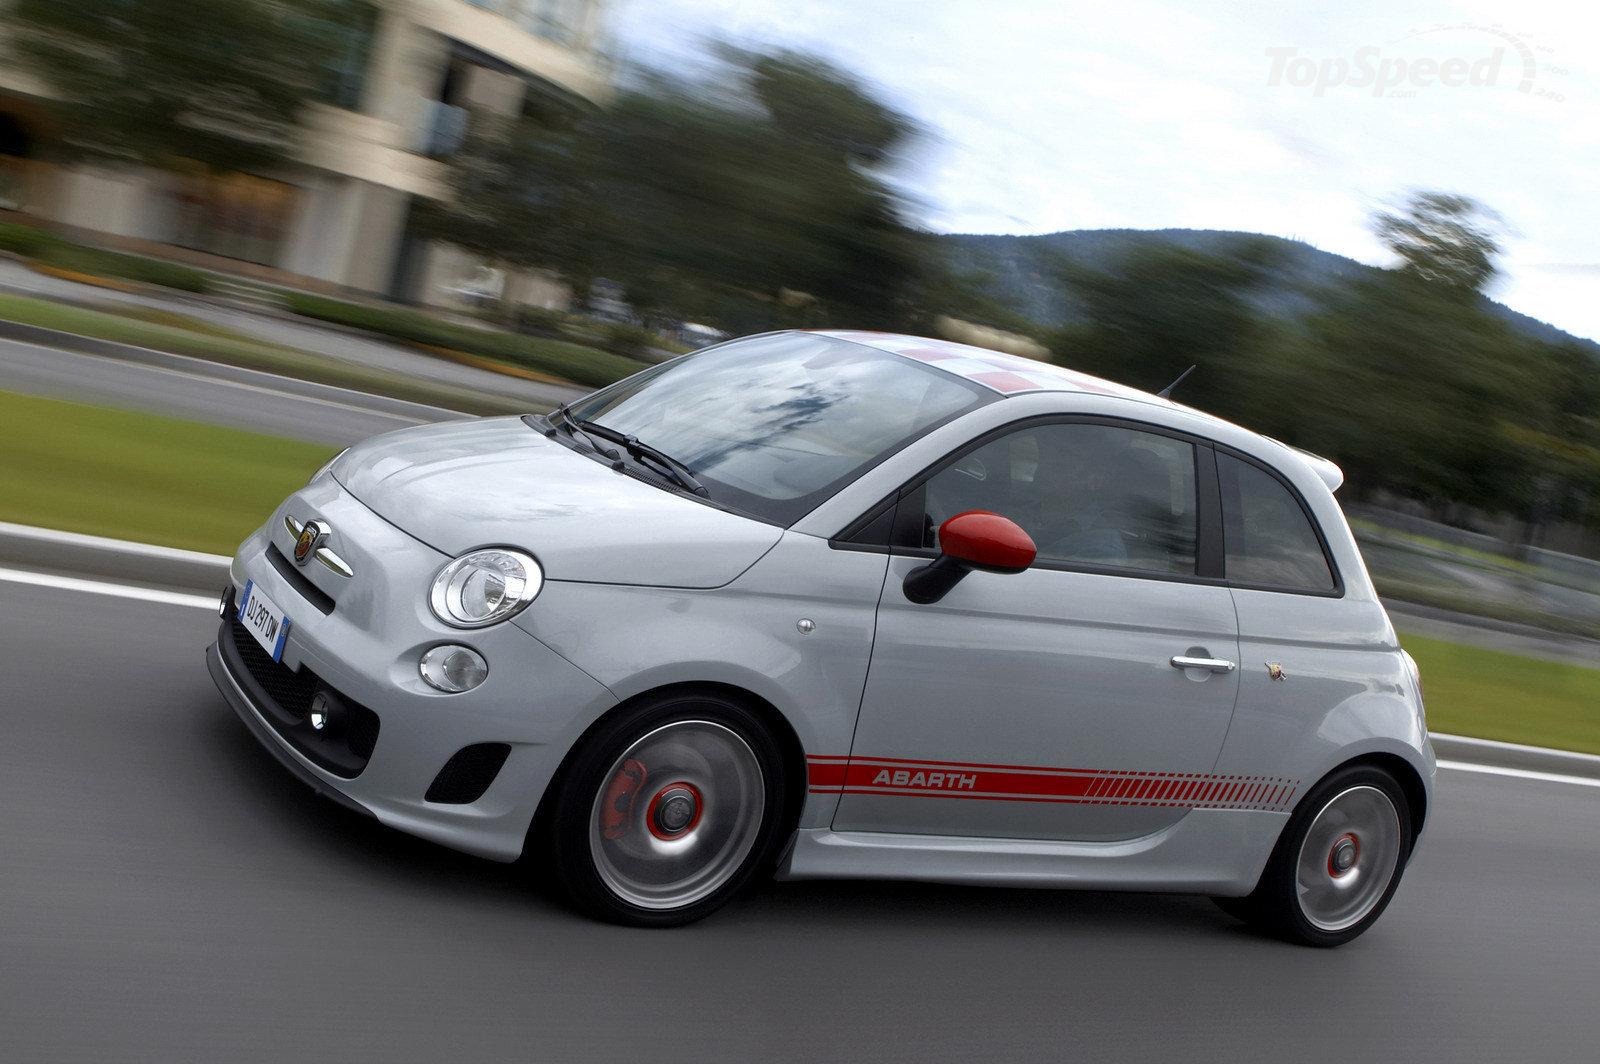 http://1.bp.blogspot.com/-NUbJ7clNl_A/Tq_q5BLHUNI/AAAAAAAABhQ/SKj0xHaMpgs/s1600/Fiat%20500%20Abarth%20Performance.jpg